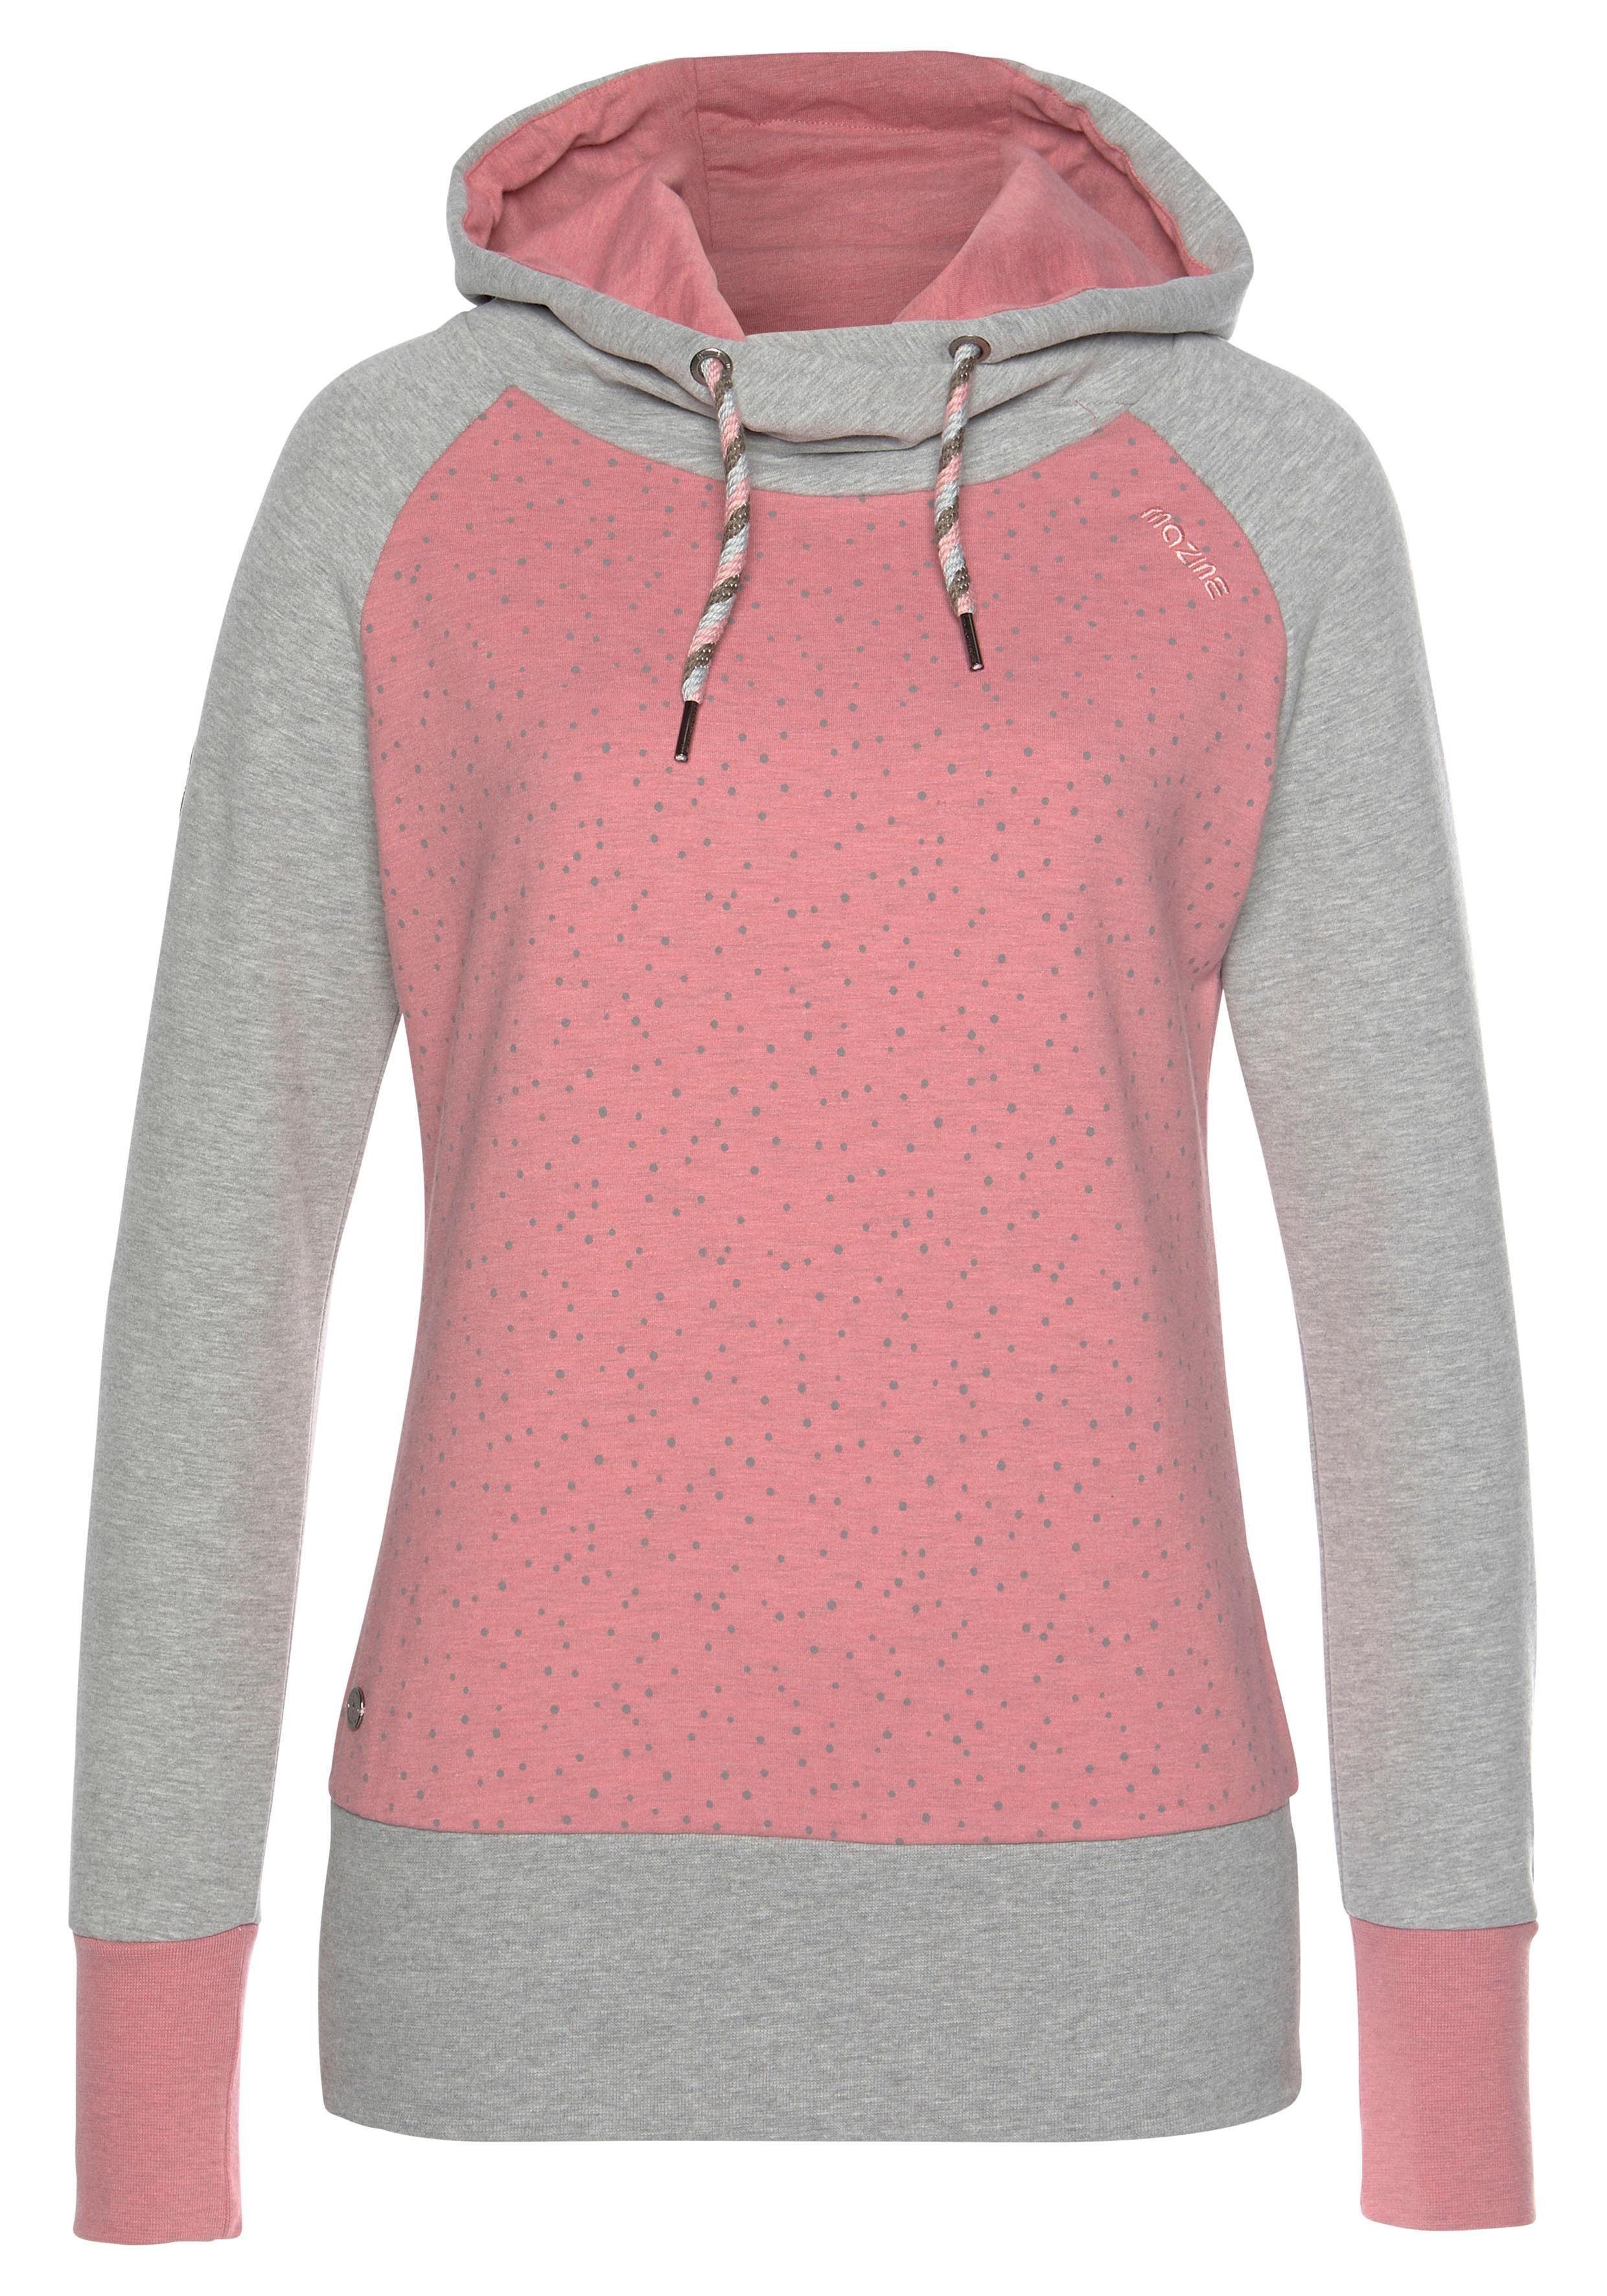 MAZINE Sweater »MARDIE« mit Allover Dots Druck | OTTO